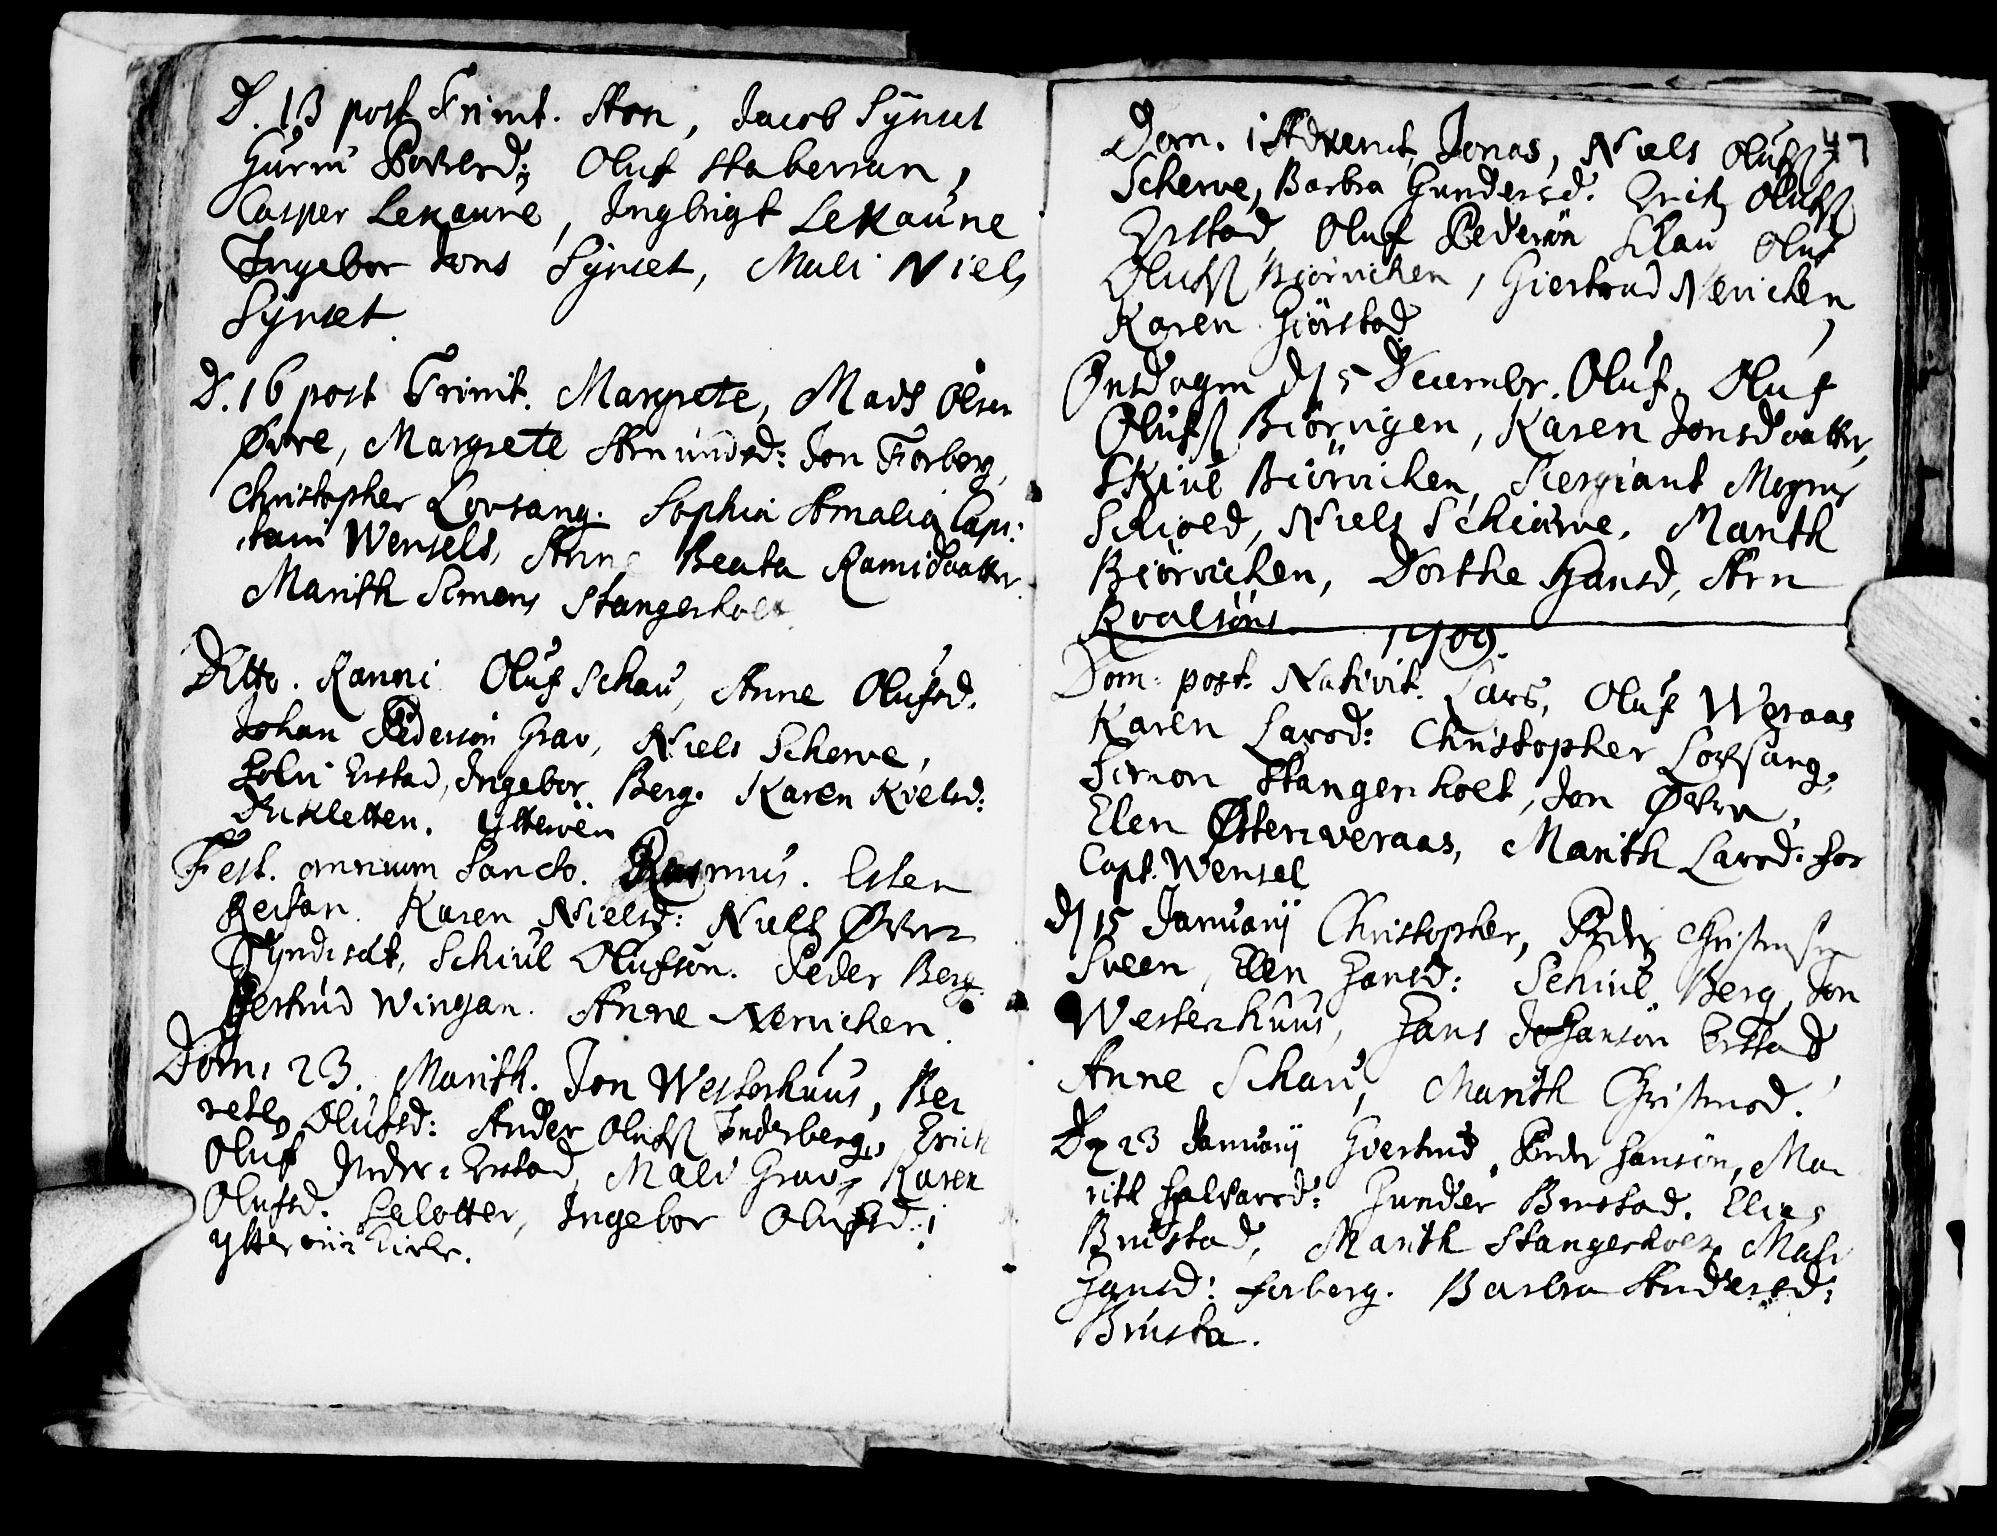 SAT, Ministerialprotokoller, klokkerbøker og fødselsregistre - Nord-Trøndelag, 722/L0214: Ministerialbok nr. 722A01, 1692-1718, s. 47